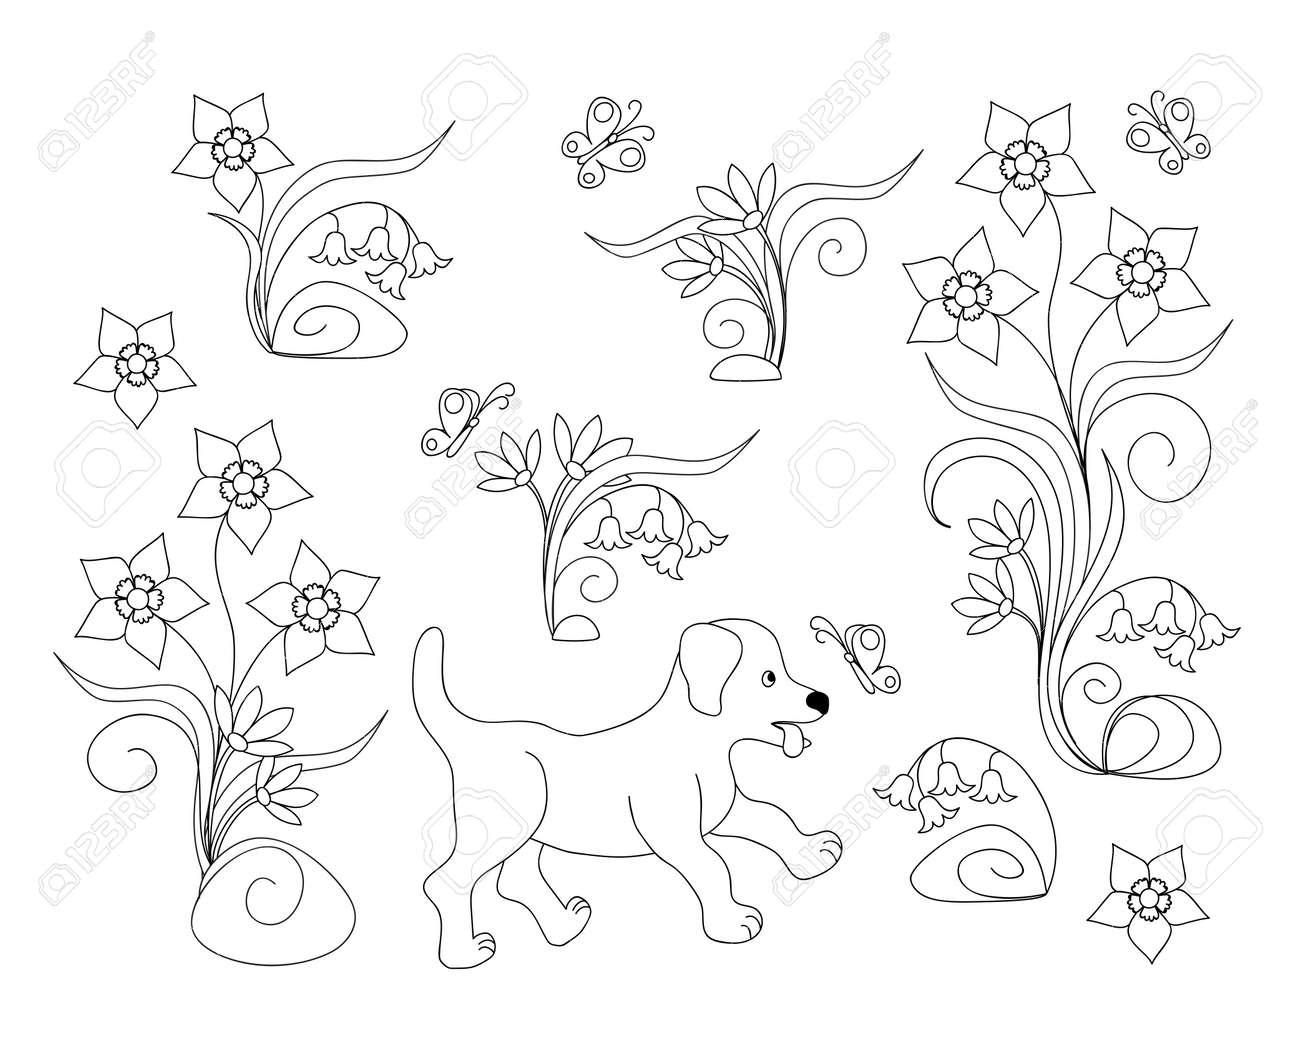 Página Para Colorear Con Cachorro De Dibujos Animados Lindo Entre